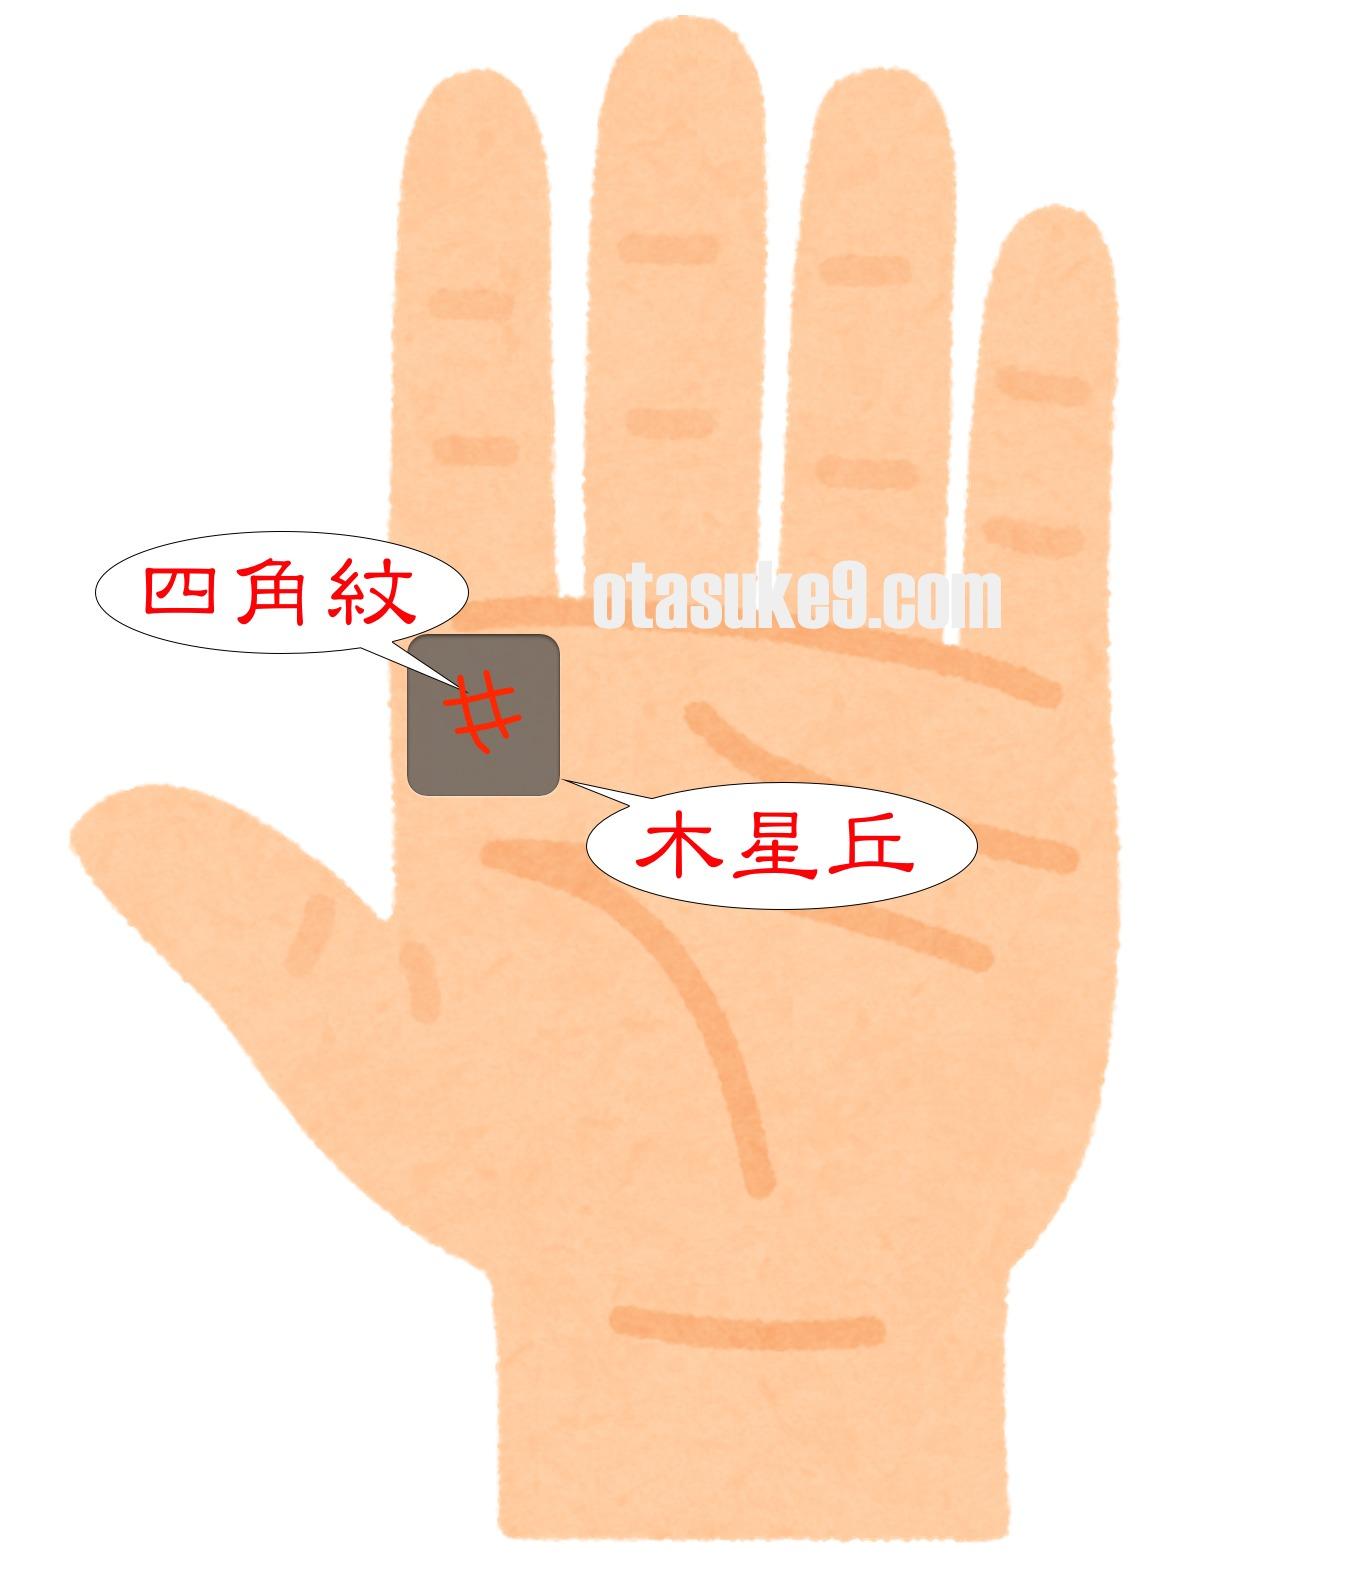 人差し指の下の四角紋スクエア聖職紋